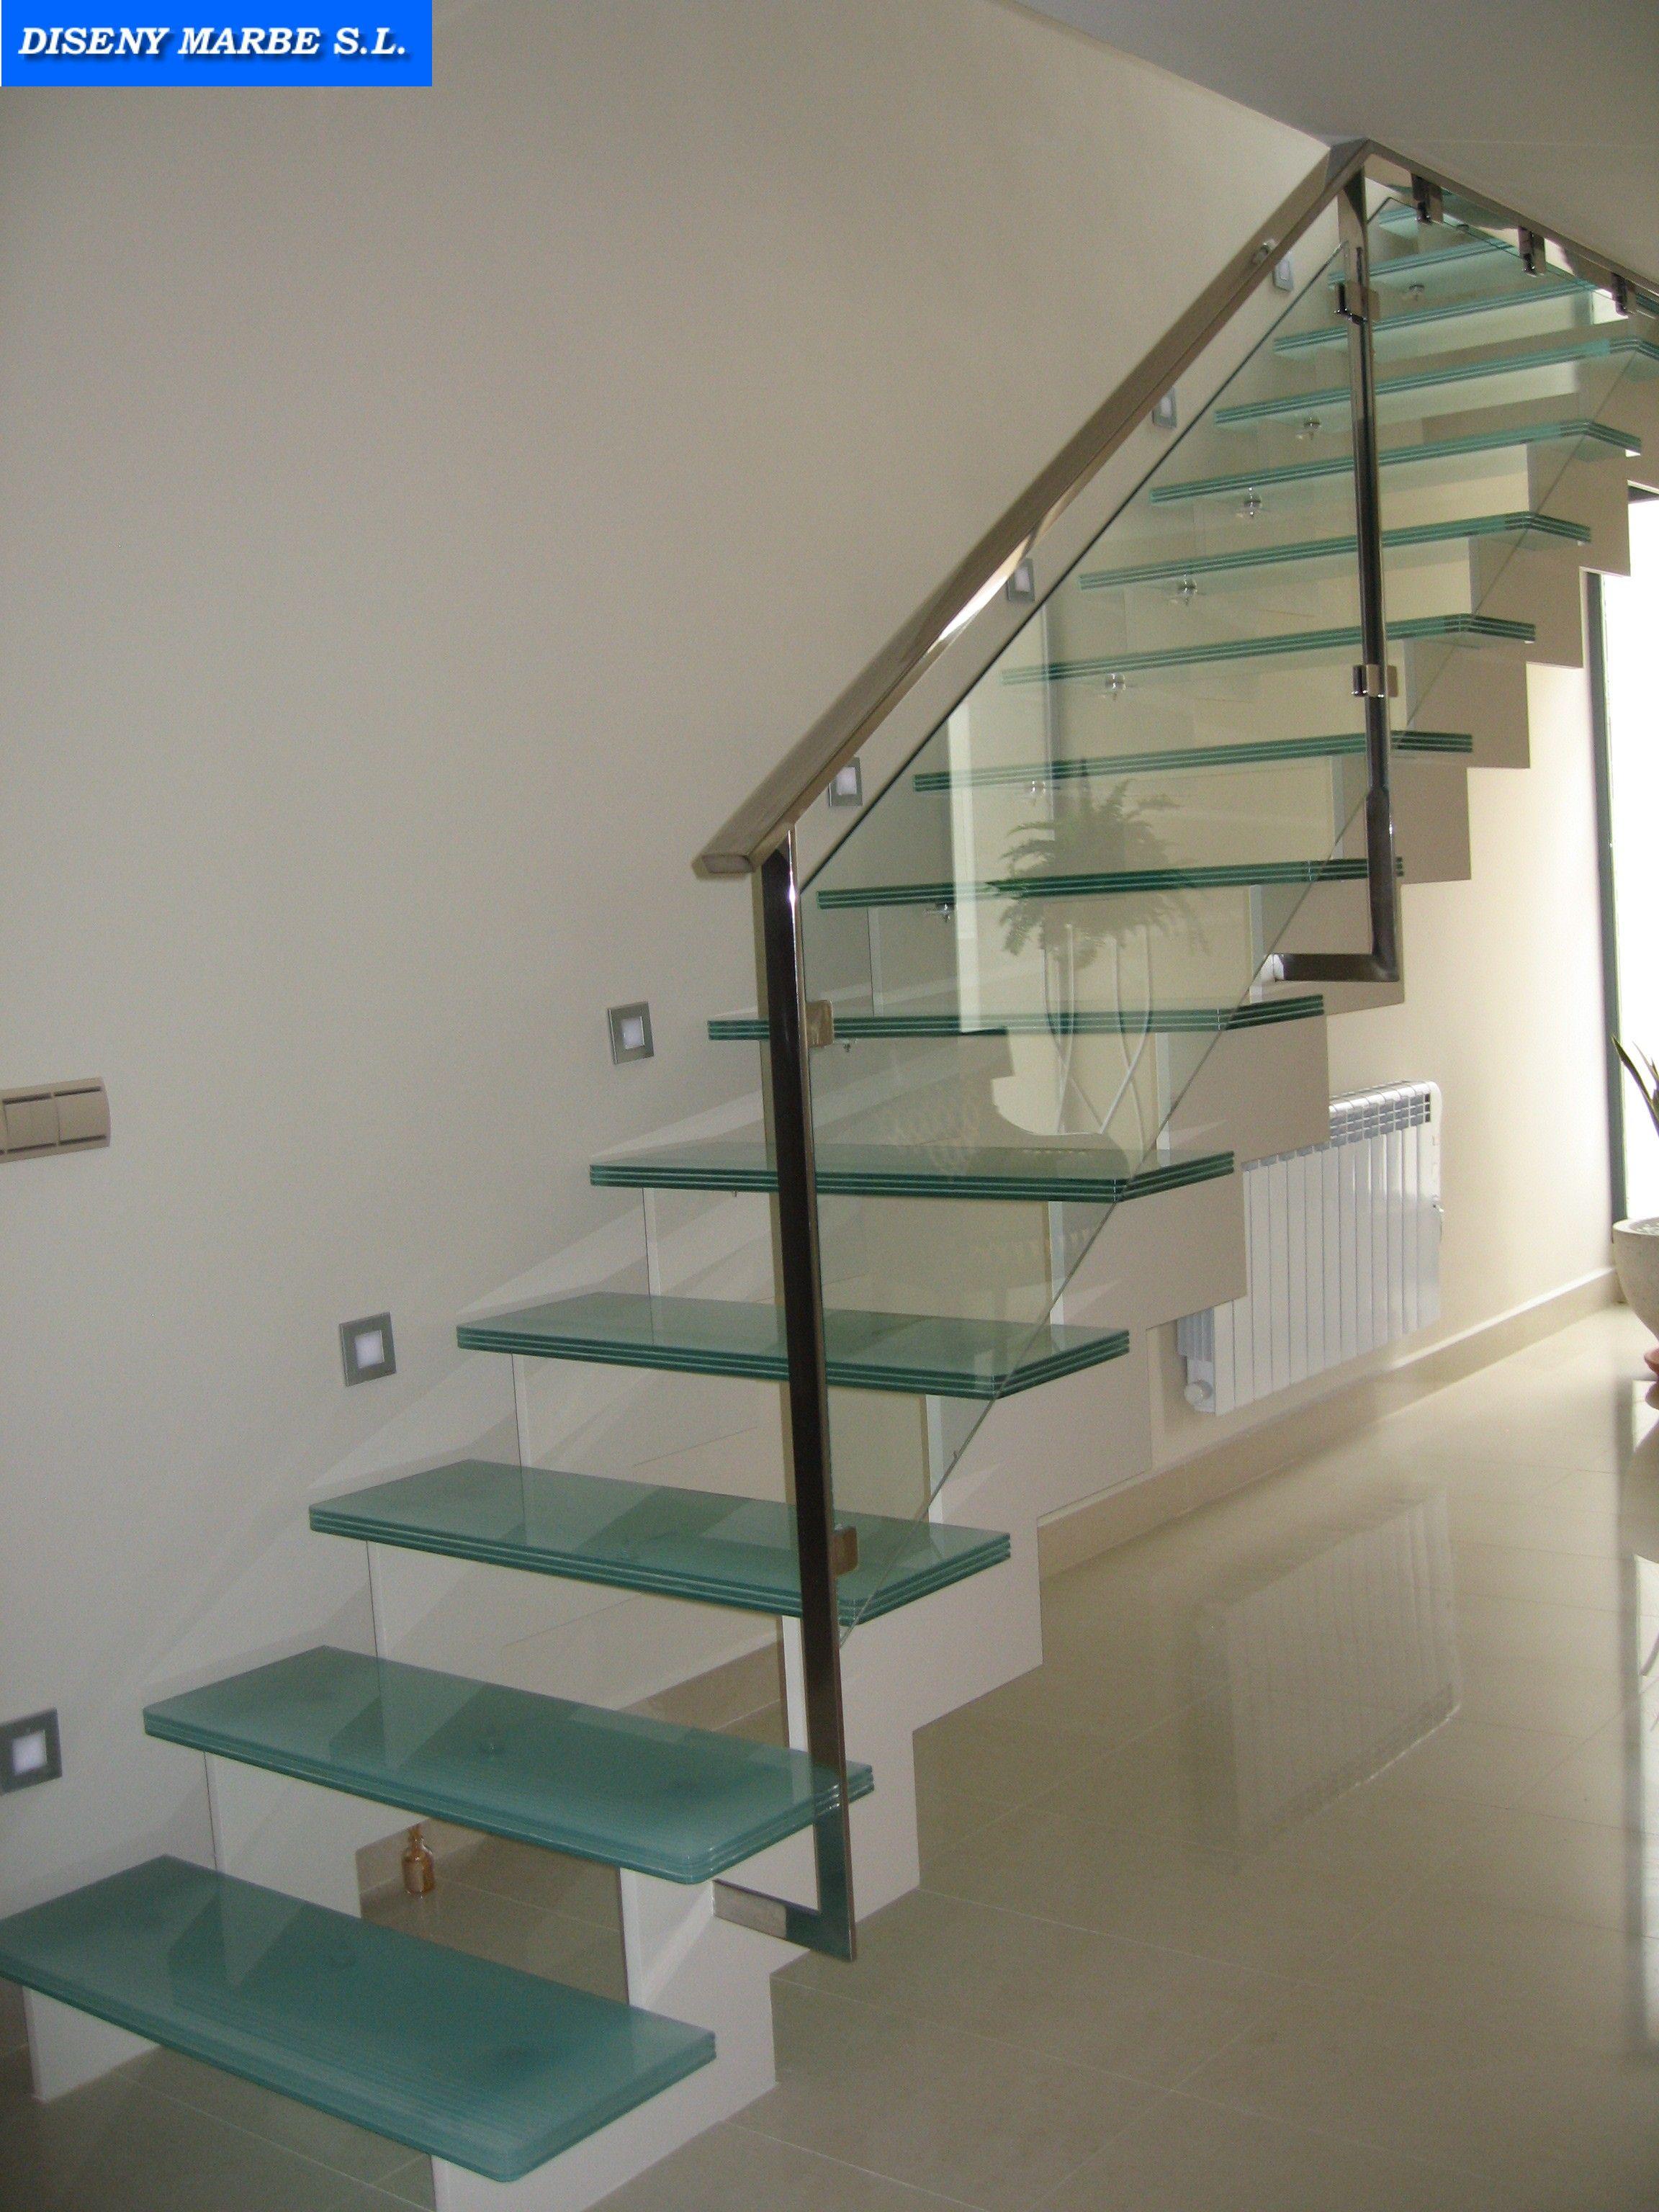 Barandilla acero inoxidable con cristal laminar - Escaleras de peldanos ...